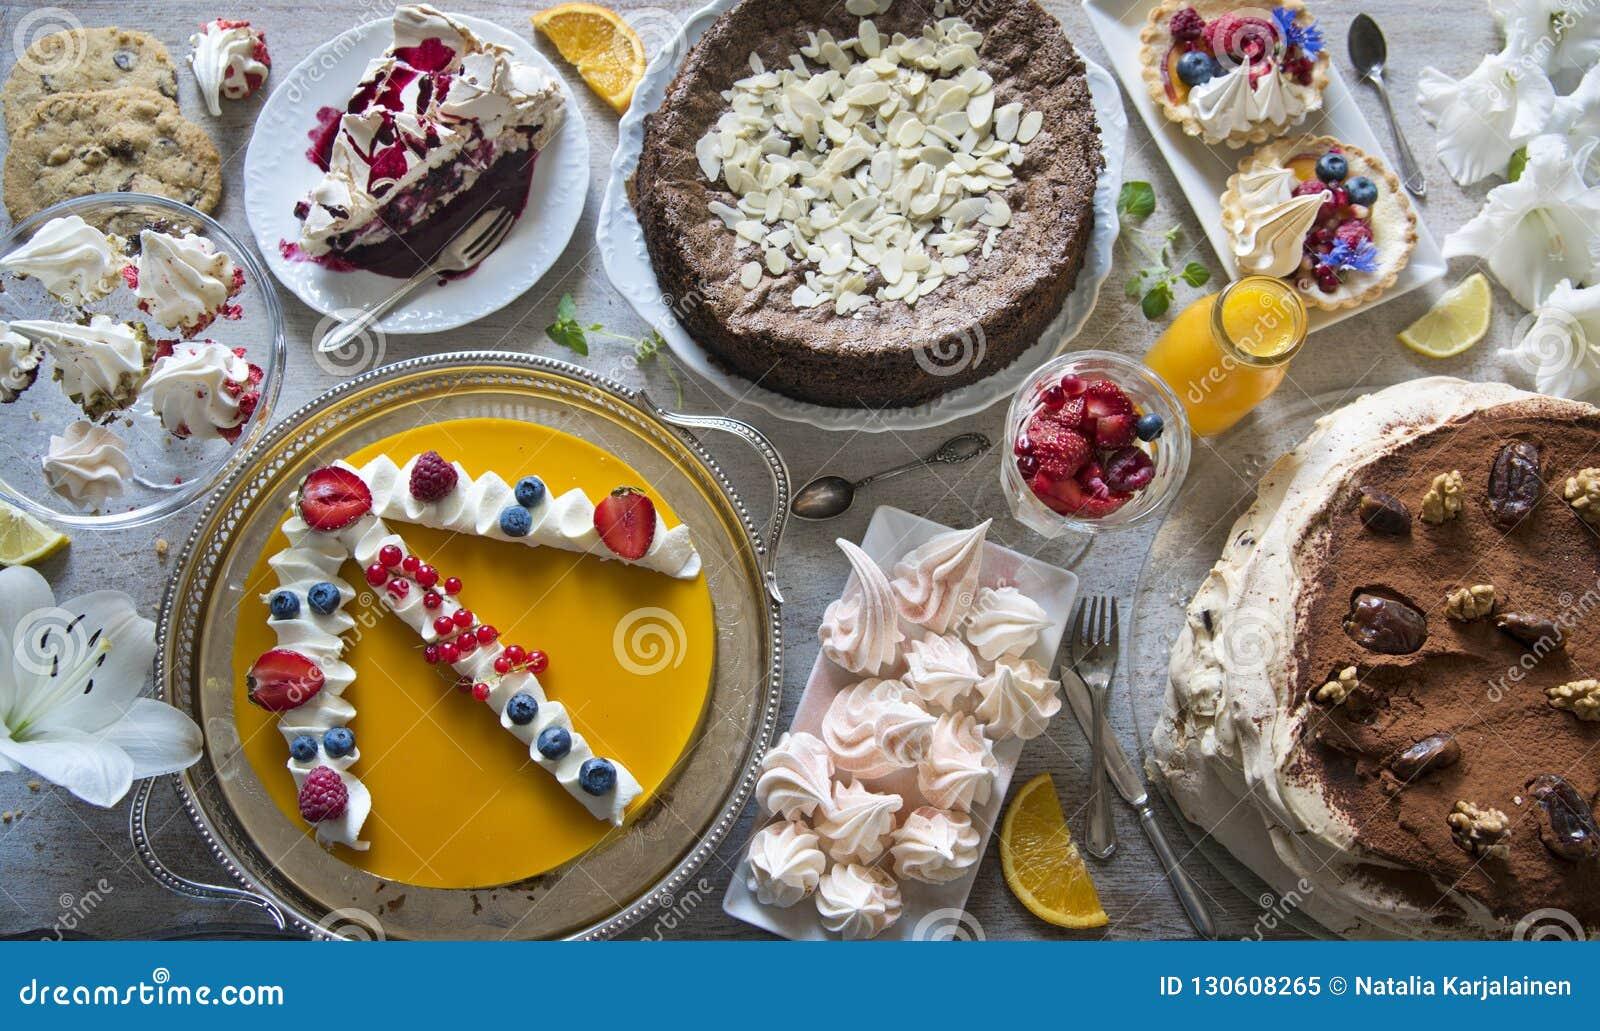 Lijst met ladingen van cakes, cupcakes, koekjes, cakepops, desserts, vruchten, bloemen en jus d orange